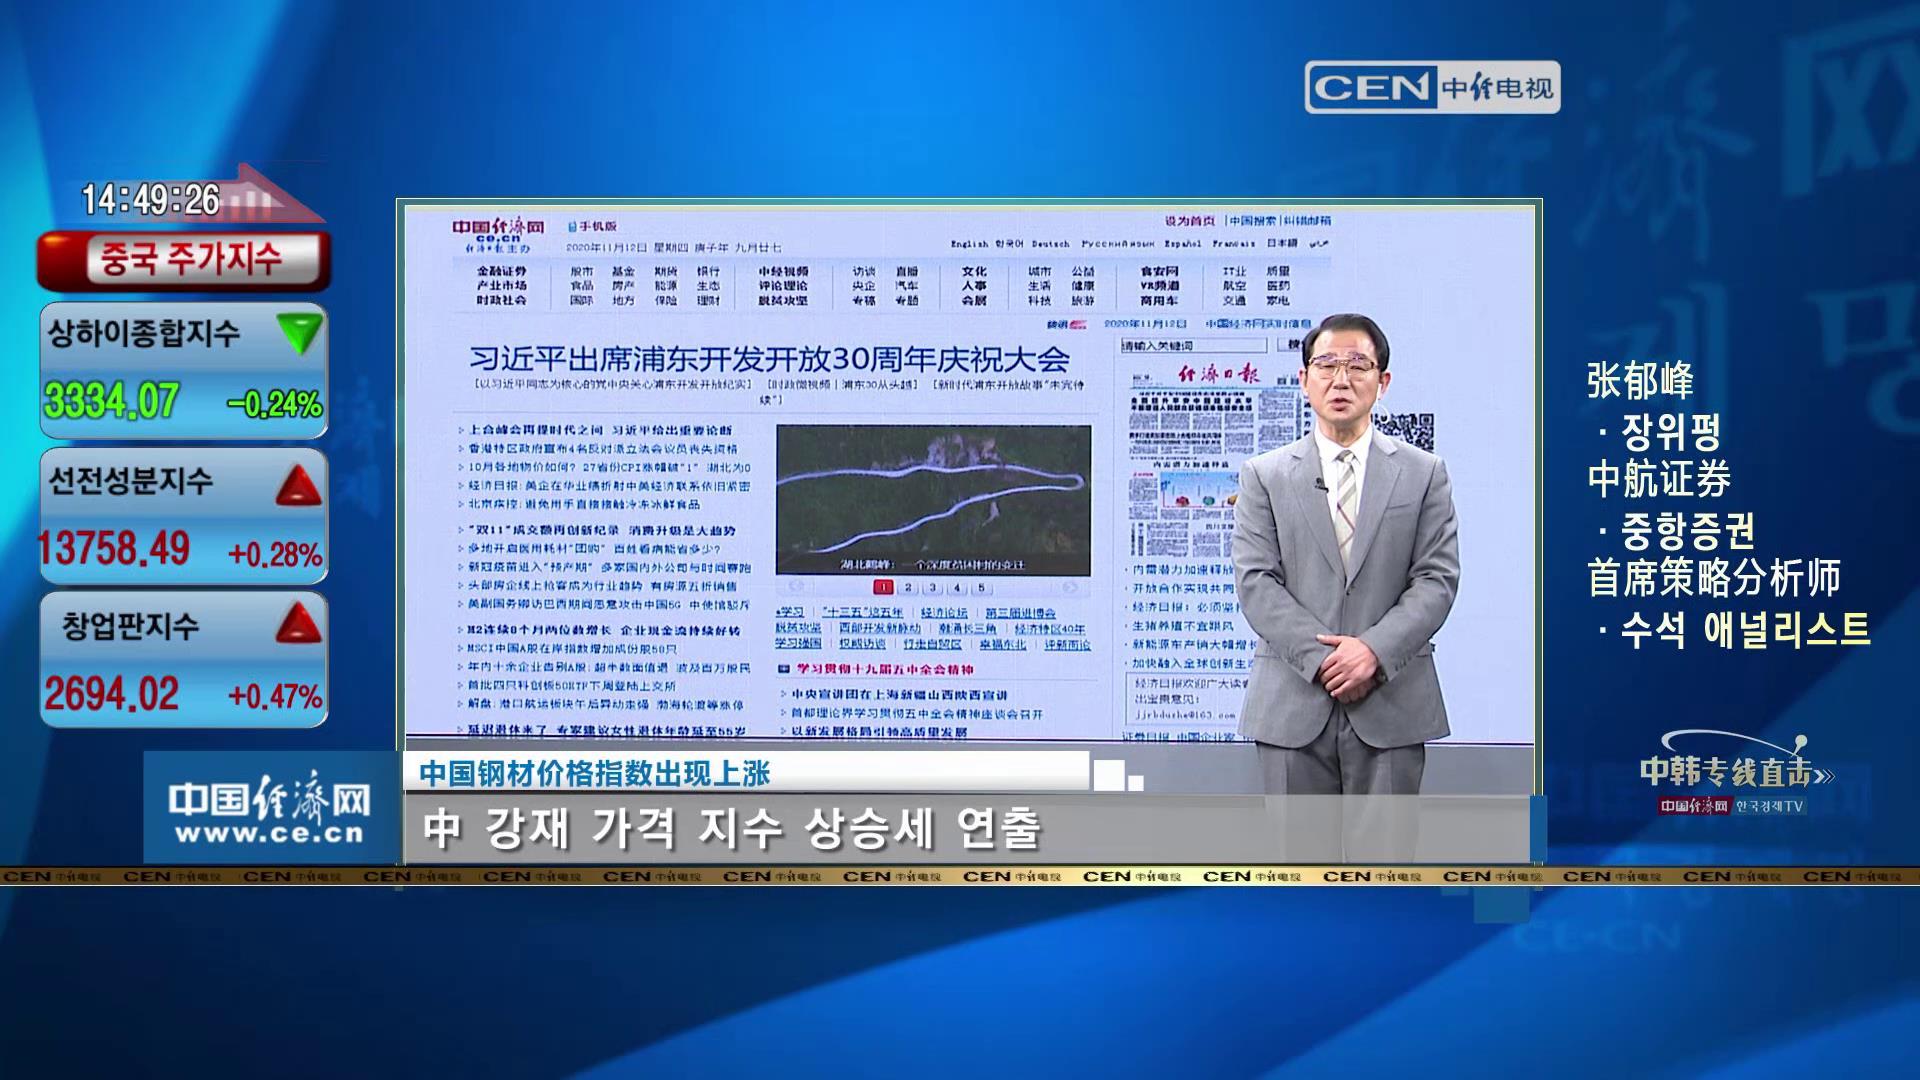 20201112中韩专线直击[00-00-09][20201112-155913452].jpg